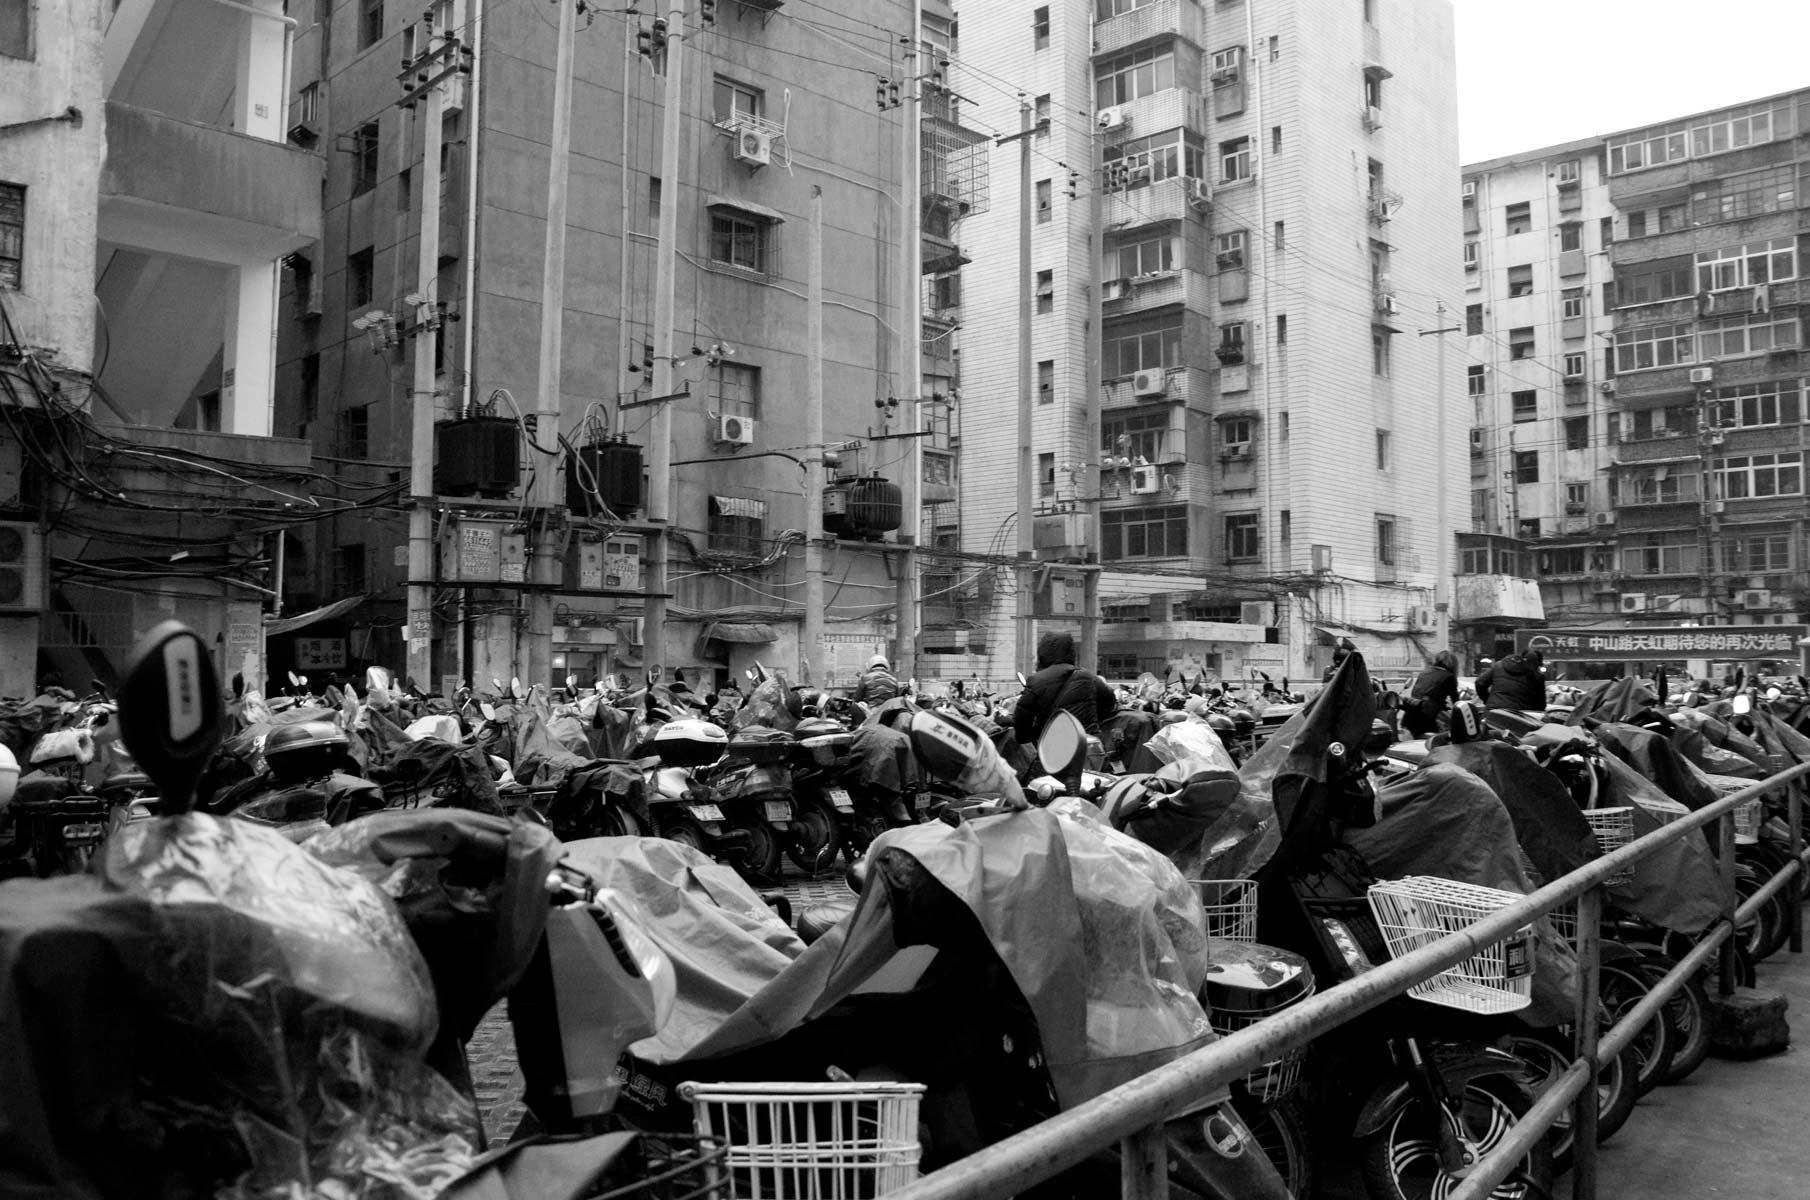 Straßenszene aus Nanchang in China in Schwarz/Weiß